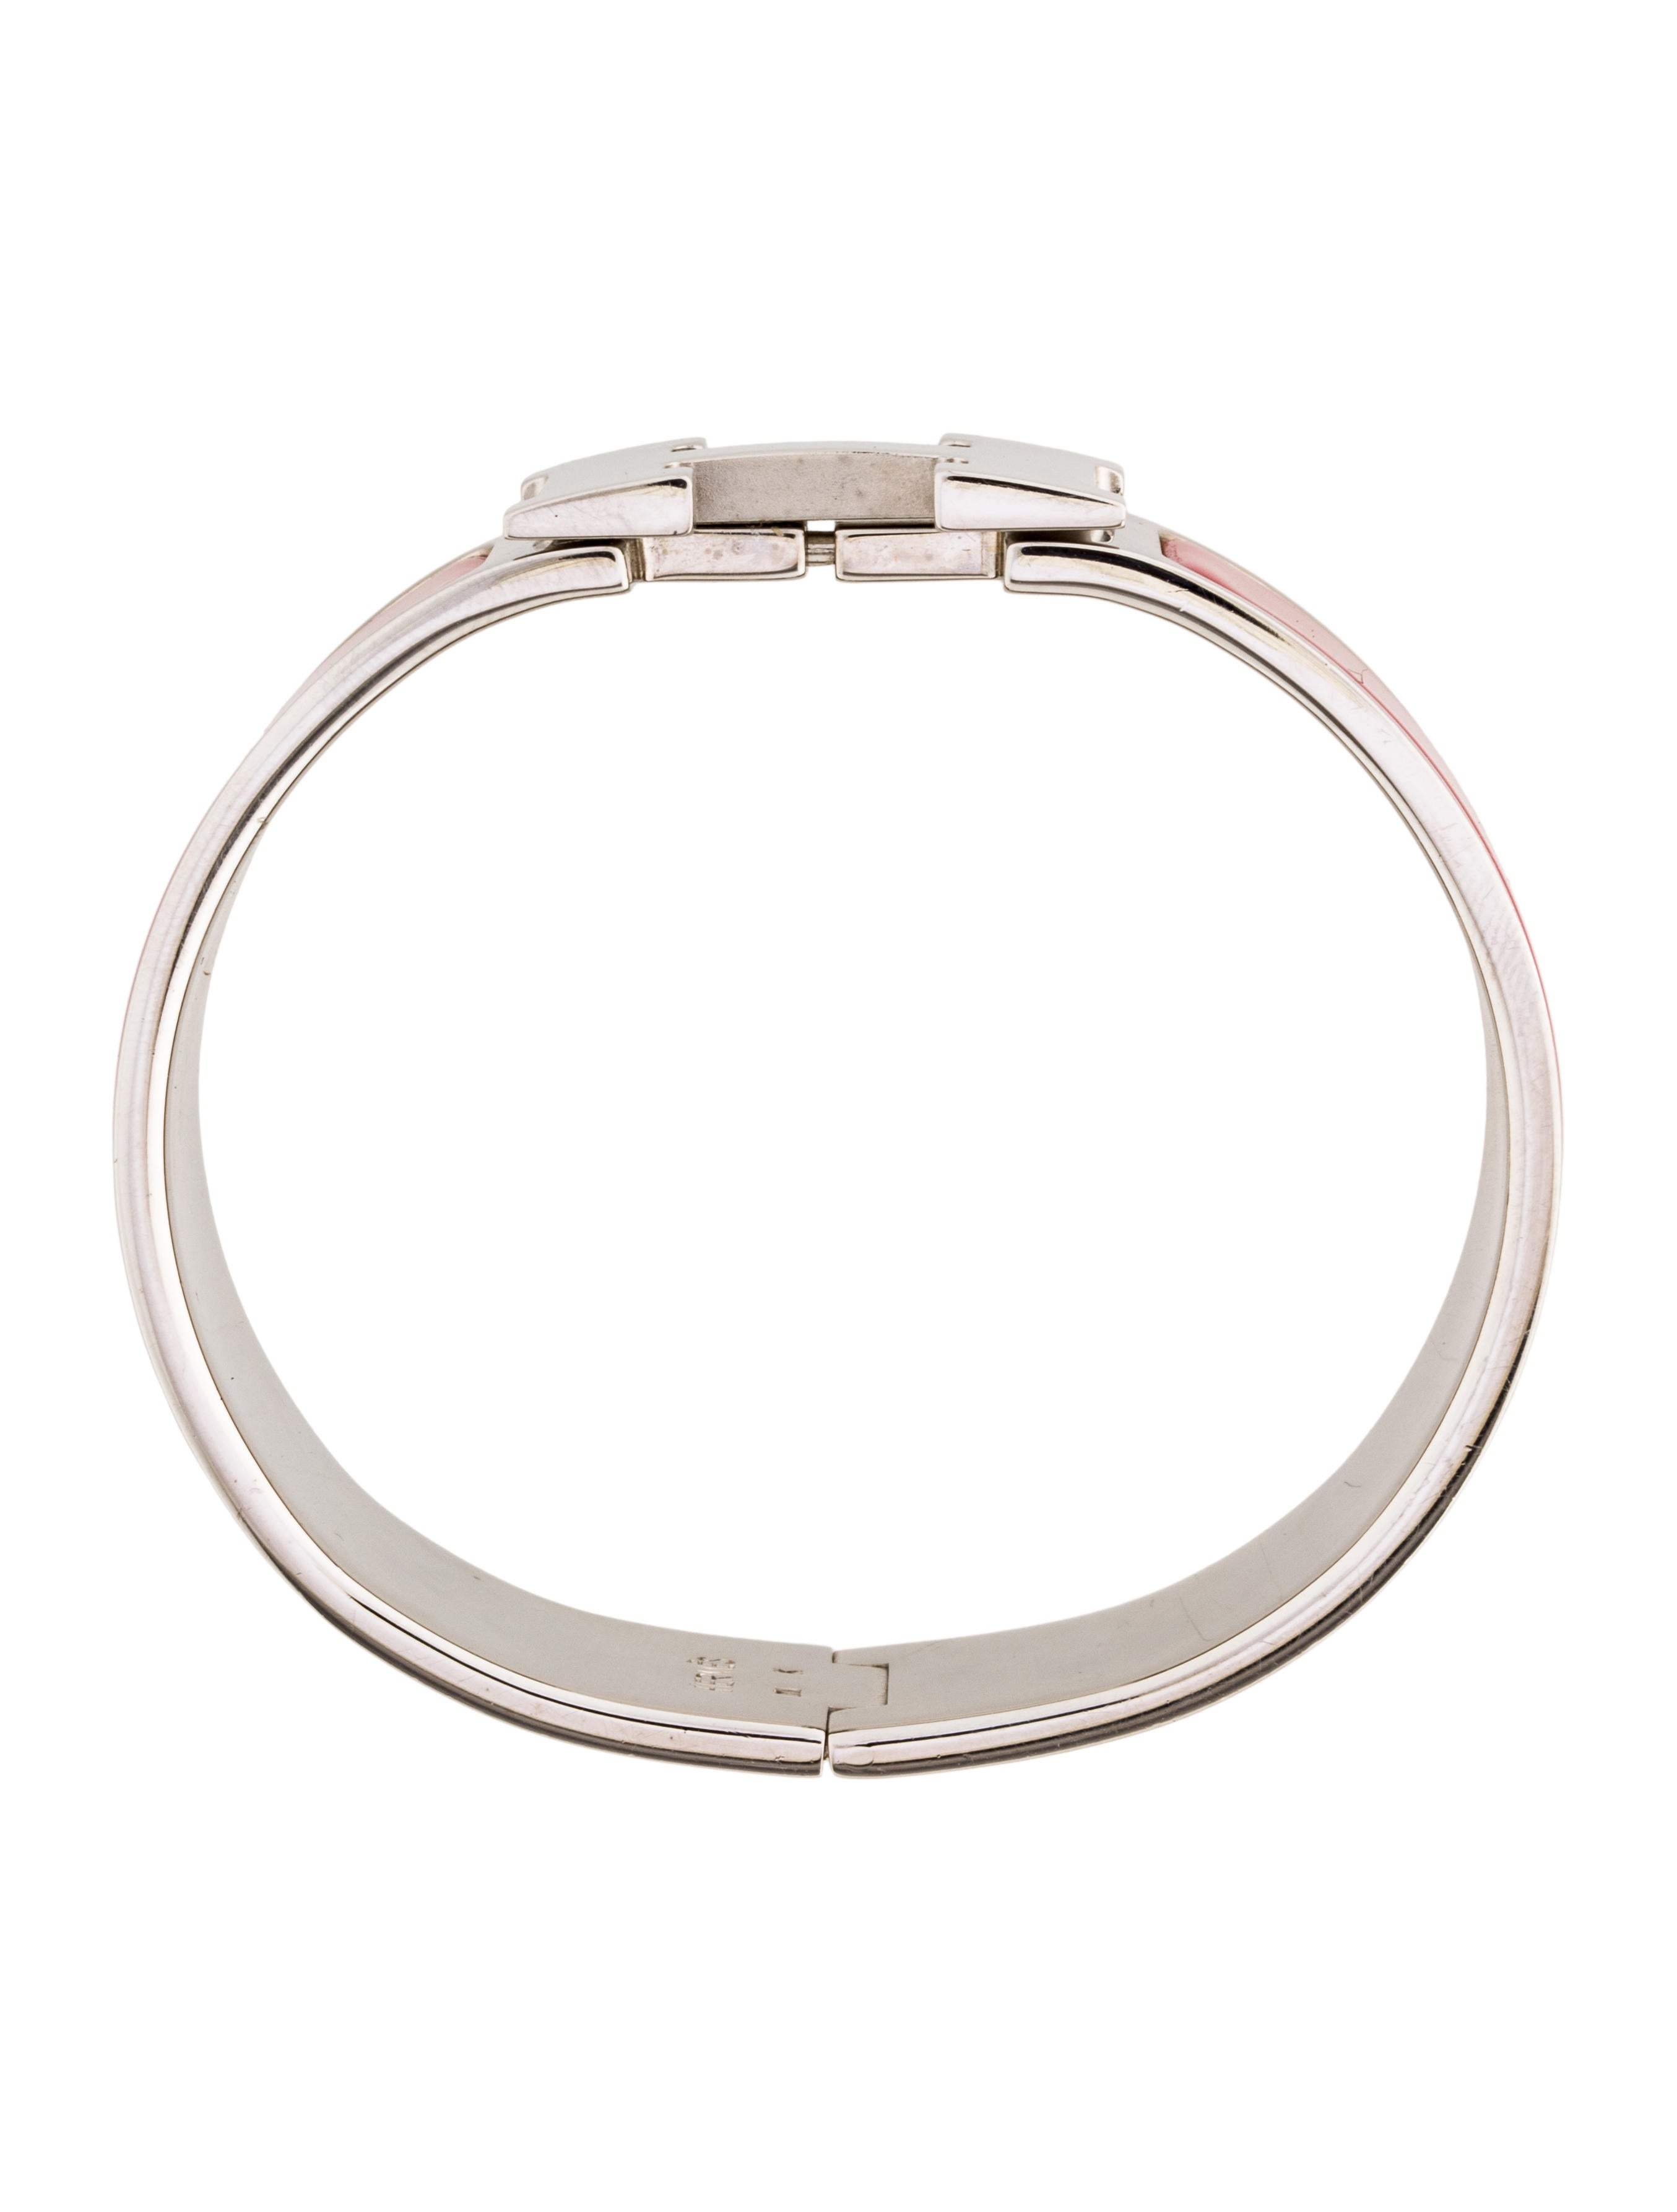 herm s wide clic clac h bangle bracelets her106306. Black Bedroom Furniture Sets. Home Design Ideas